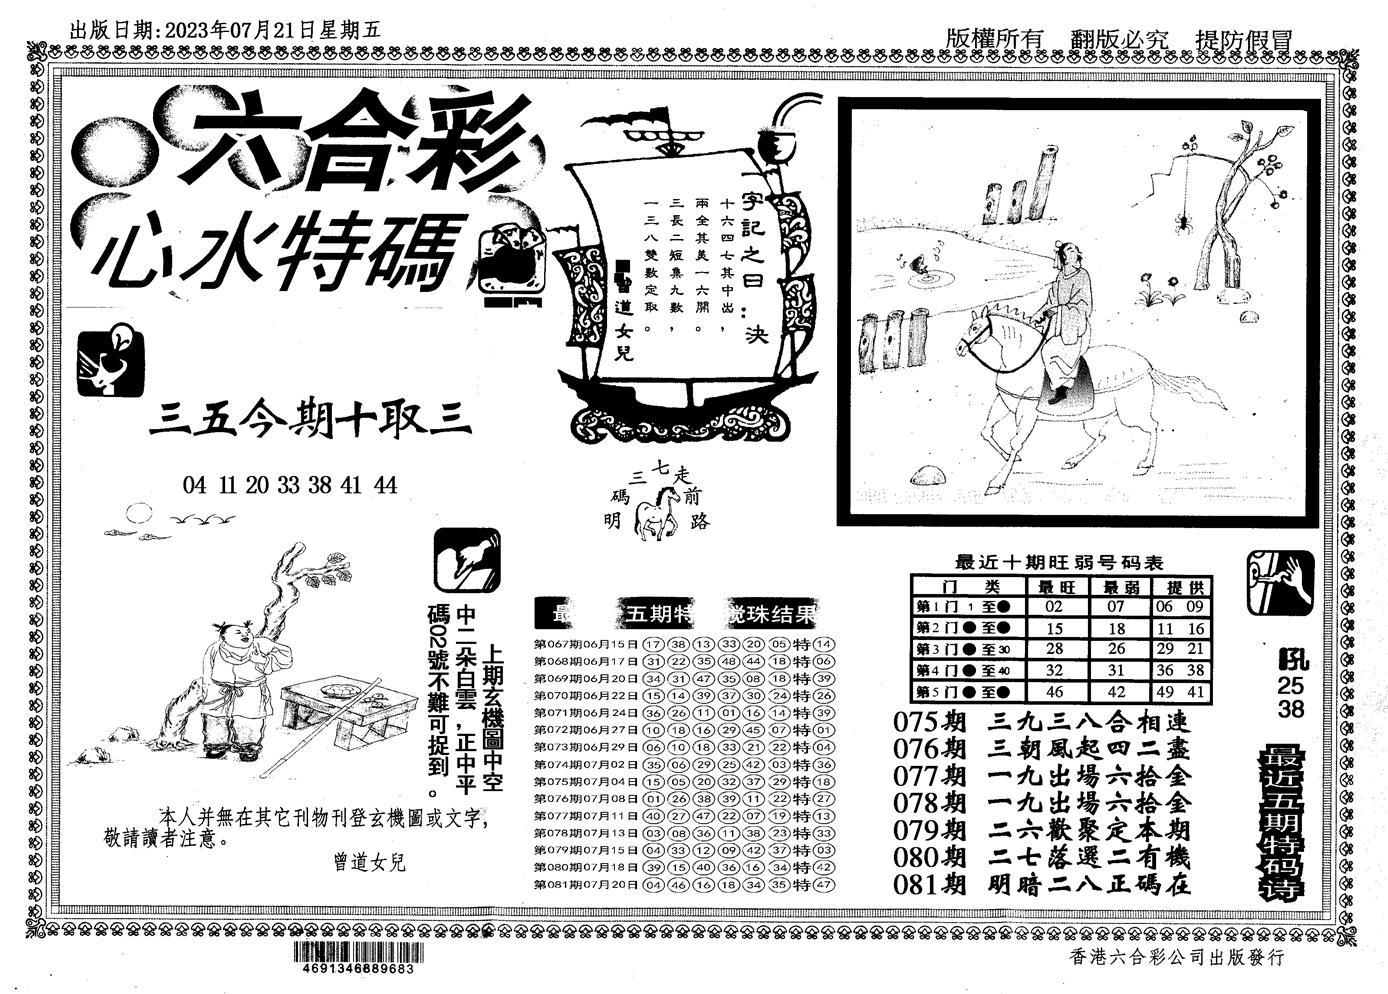 082期新特码心水(黑白)